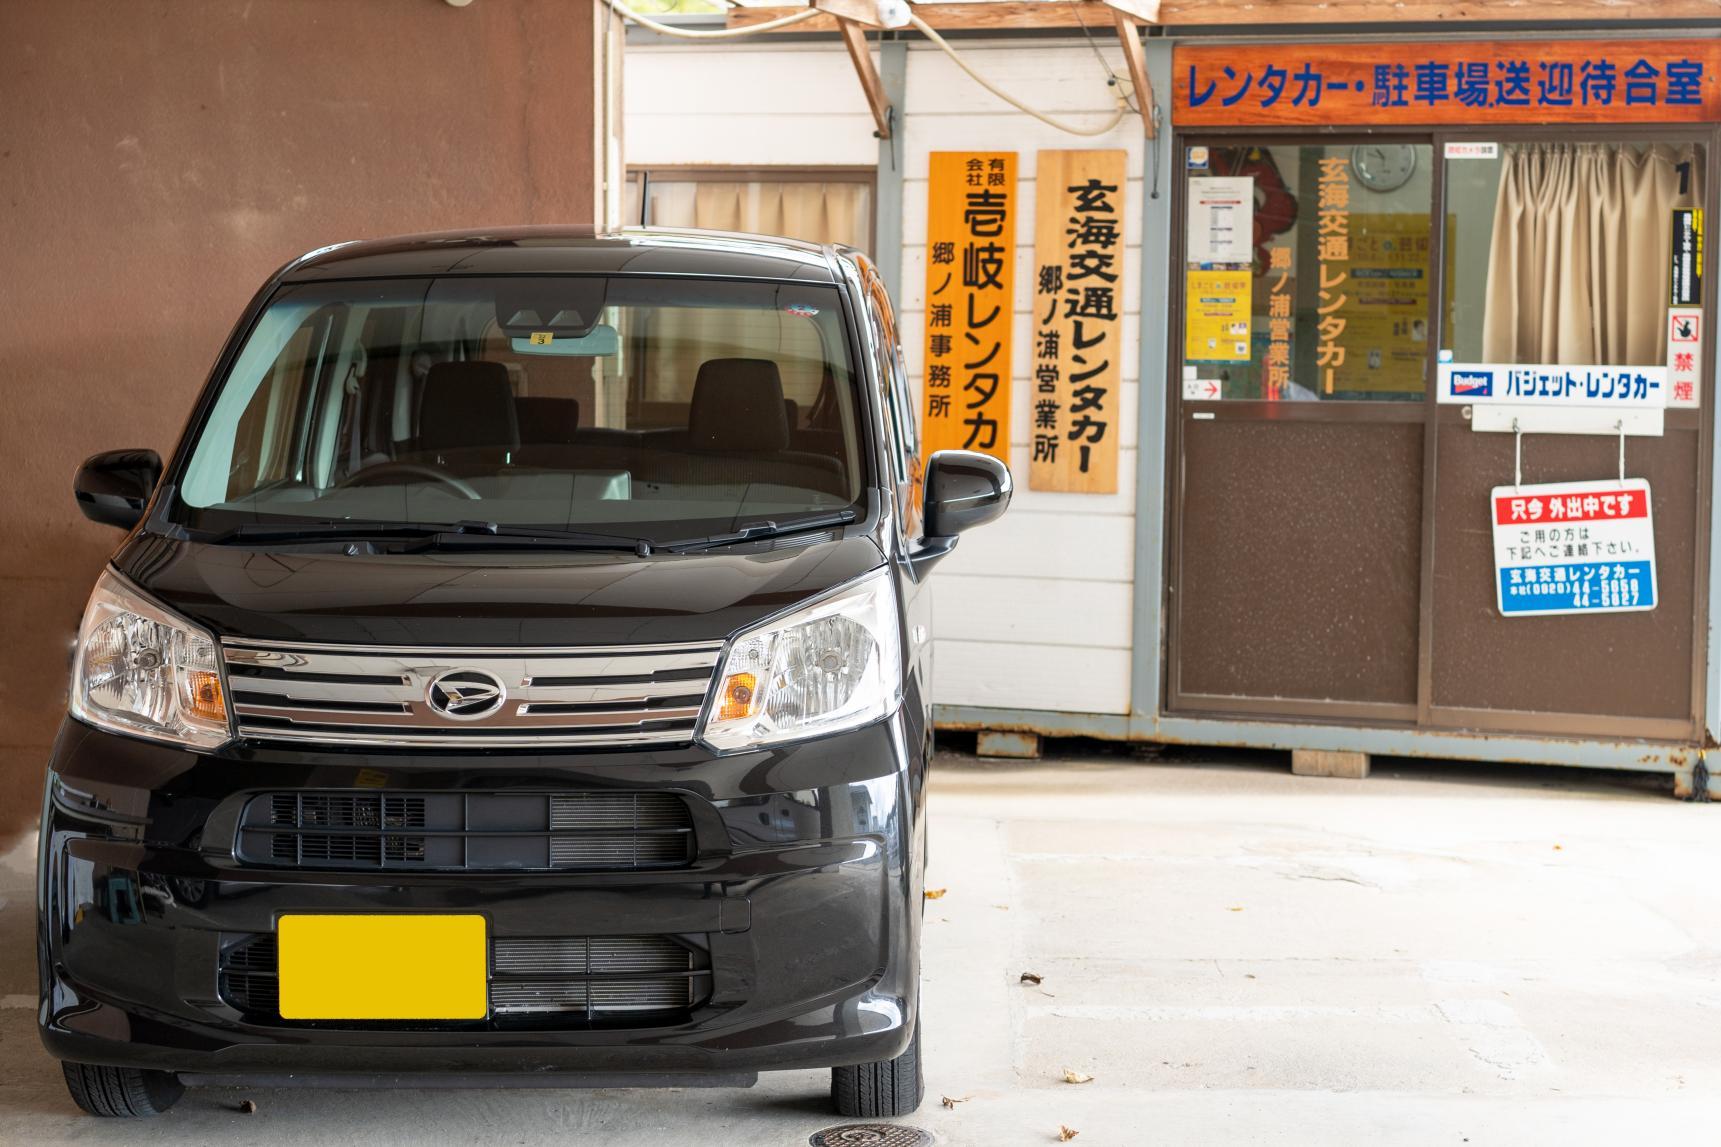 壱岐レンタカー-1